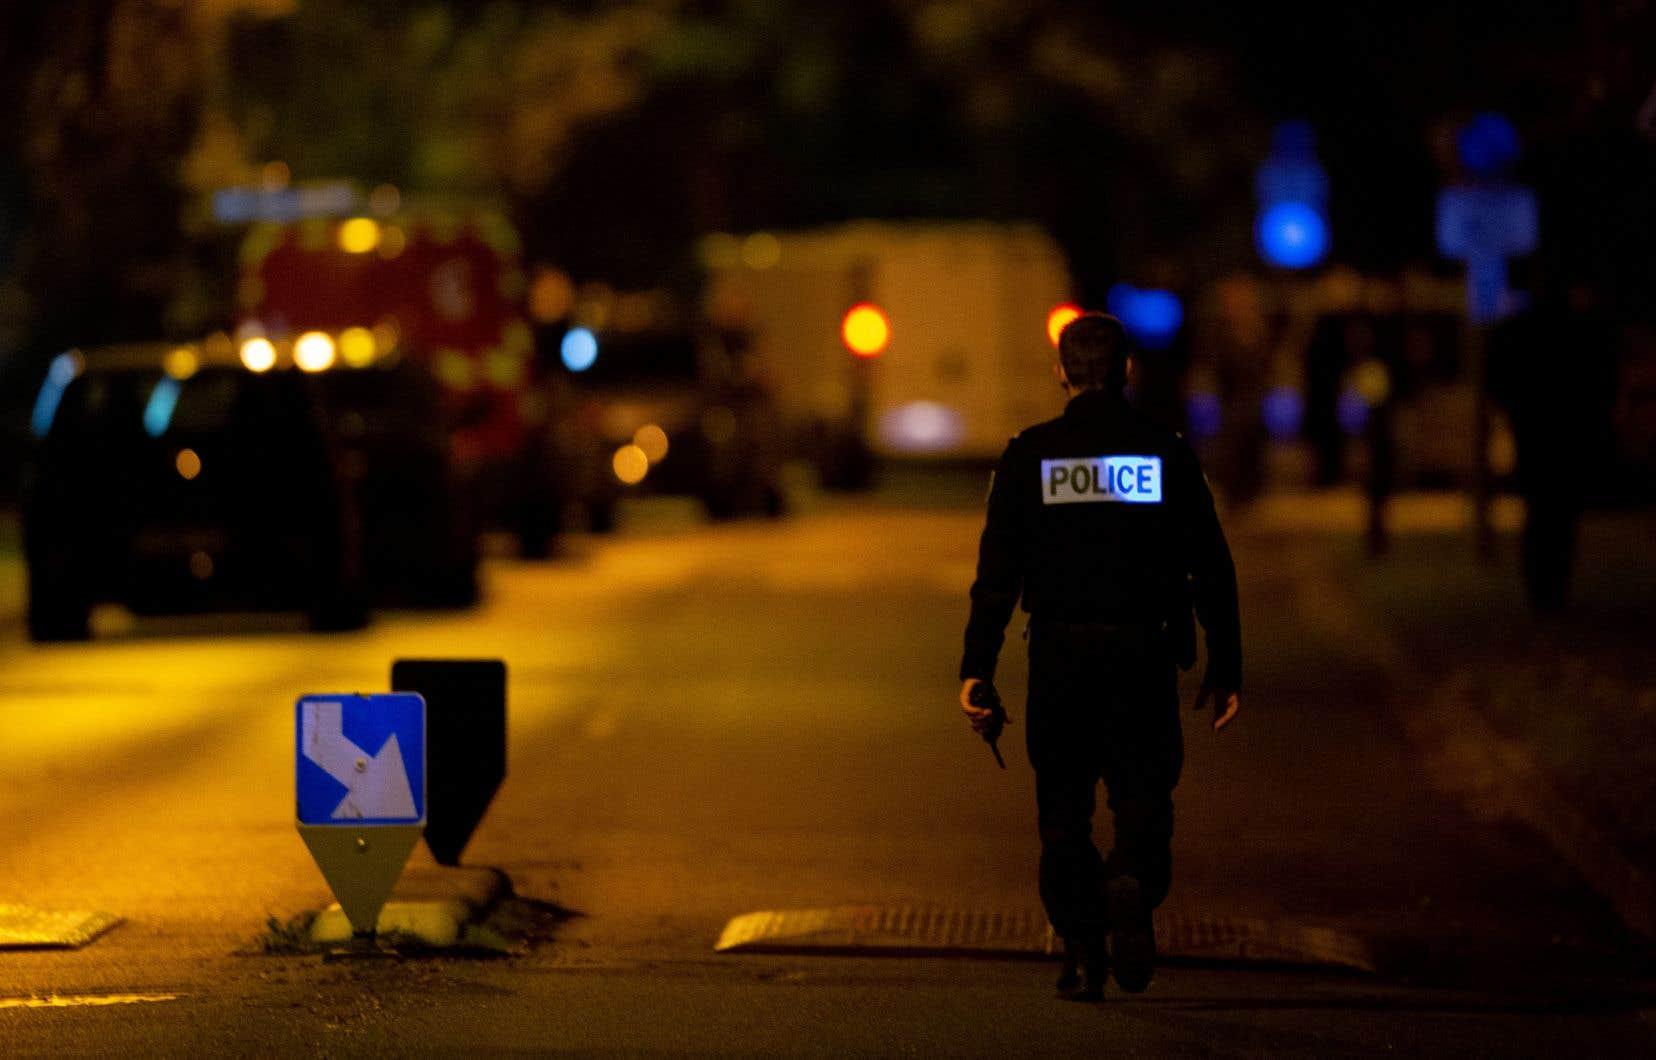 Vers 17 h (heure locale), vendredi, des policiers de Conflans–Sainte-Honorine, en France, ont été appelés pour un individu suspect rôdant autour d'une école. Sur place, les agents ont fait la découverte macabre de la victime.